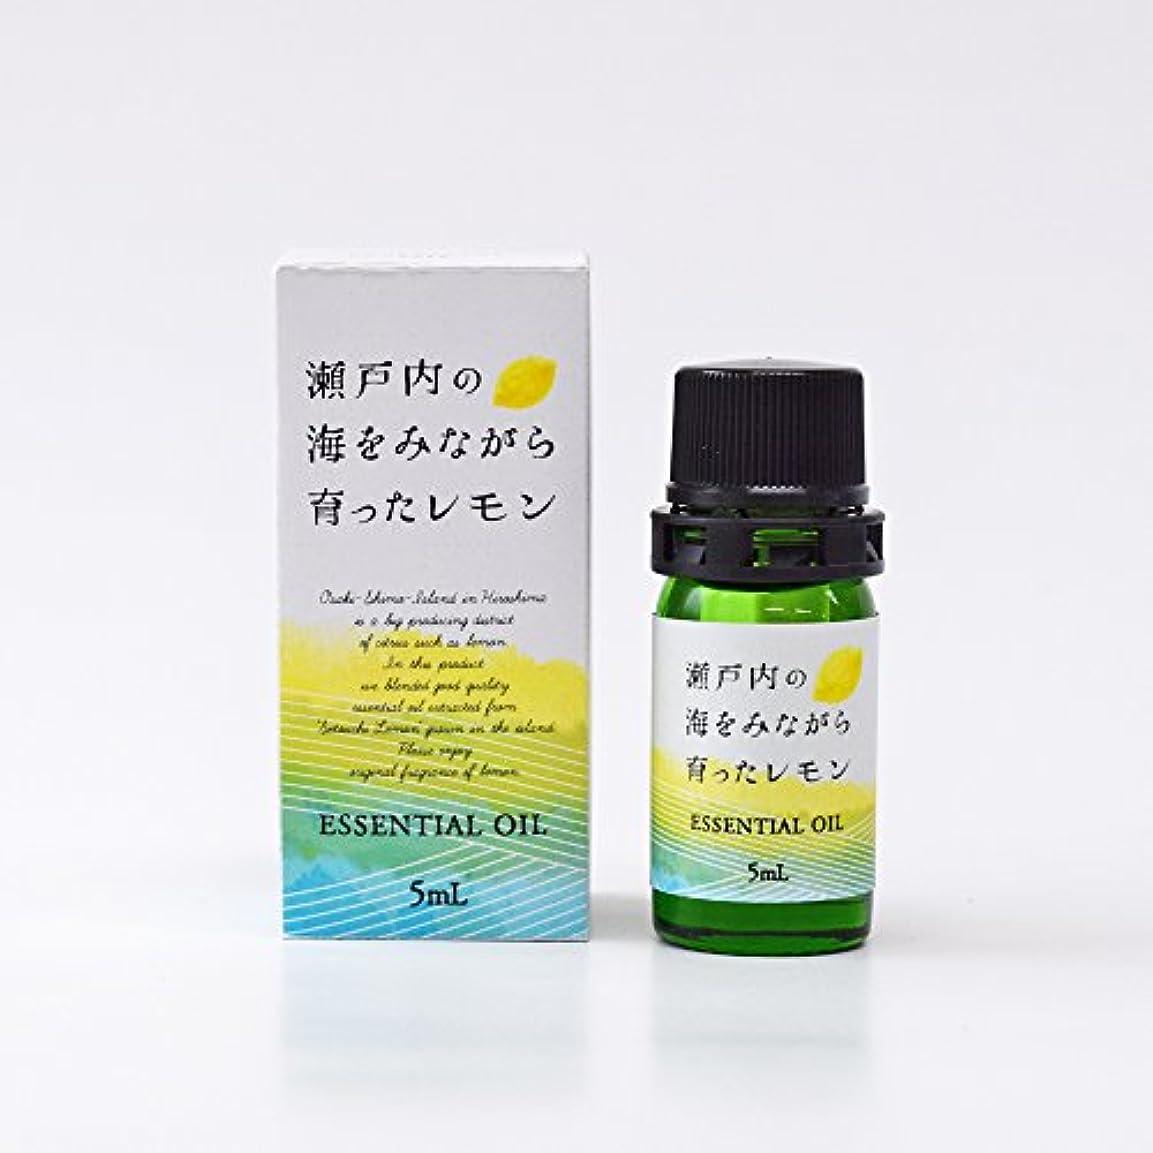 服複雑な泥沼レモン エッセンシャルオイル